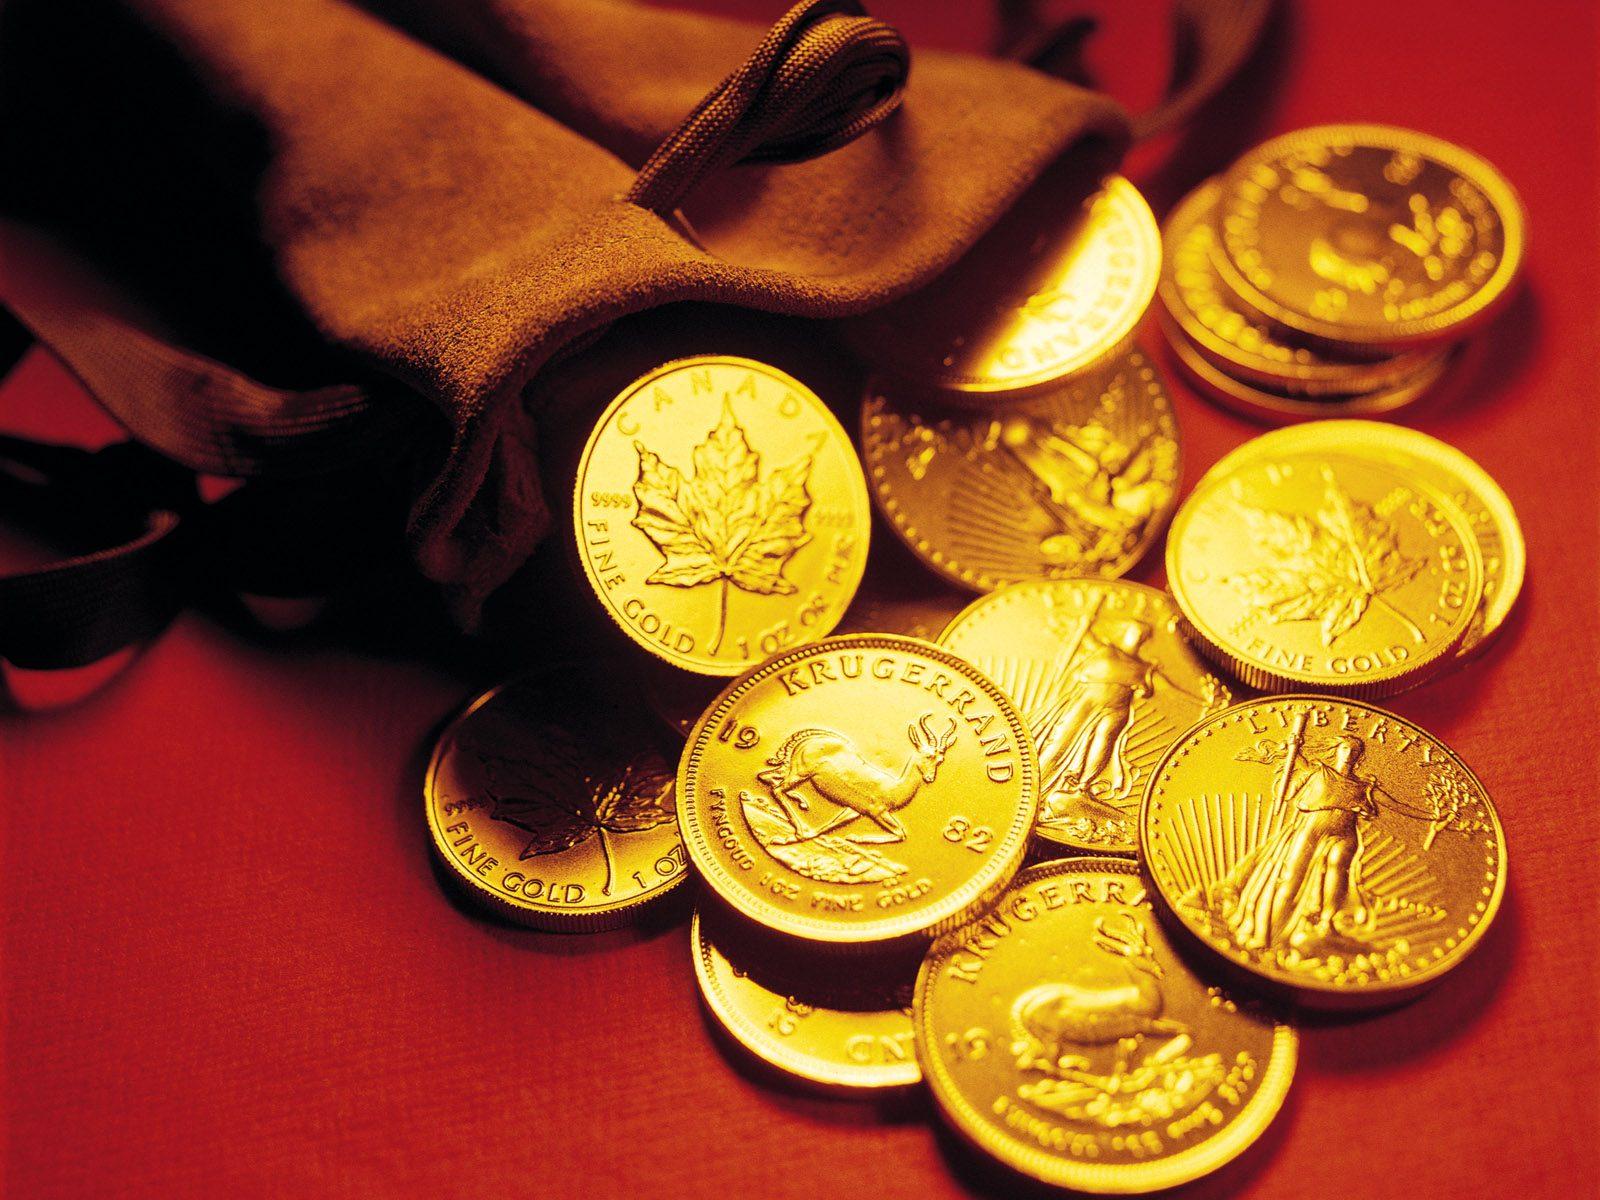 Comment faut-il s'y prendre pour acheter de l'or ?